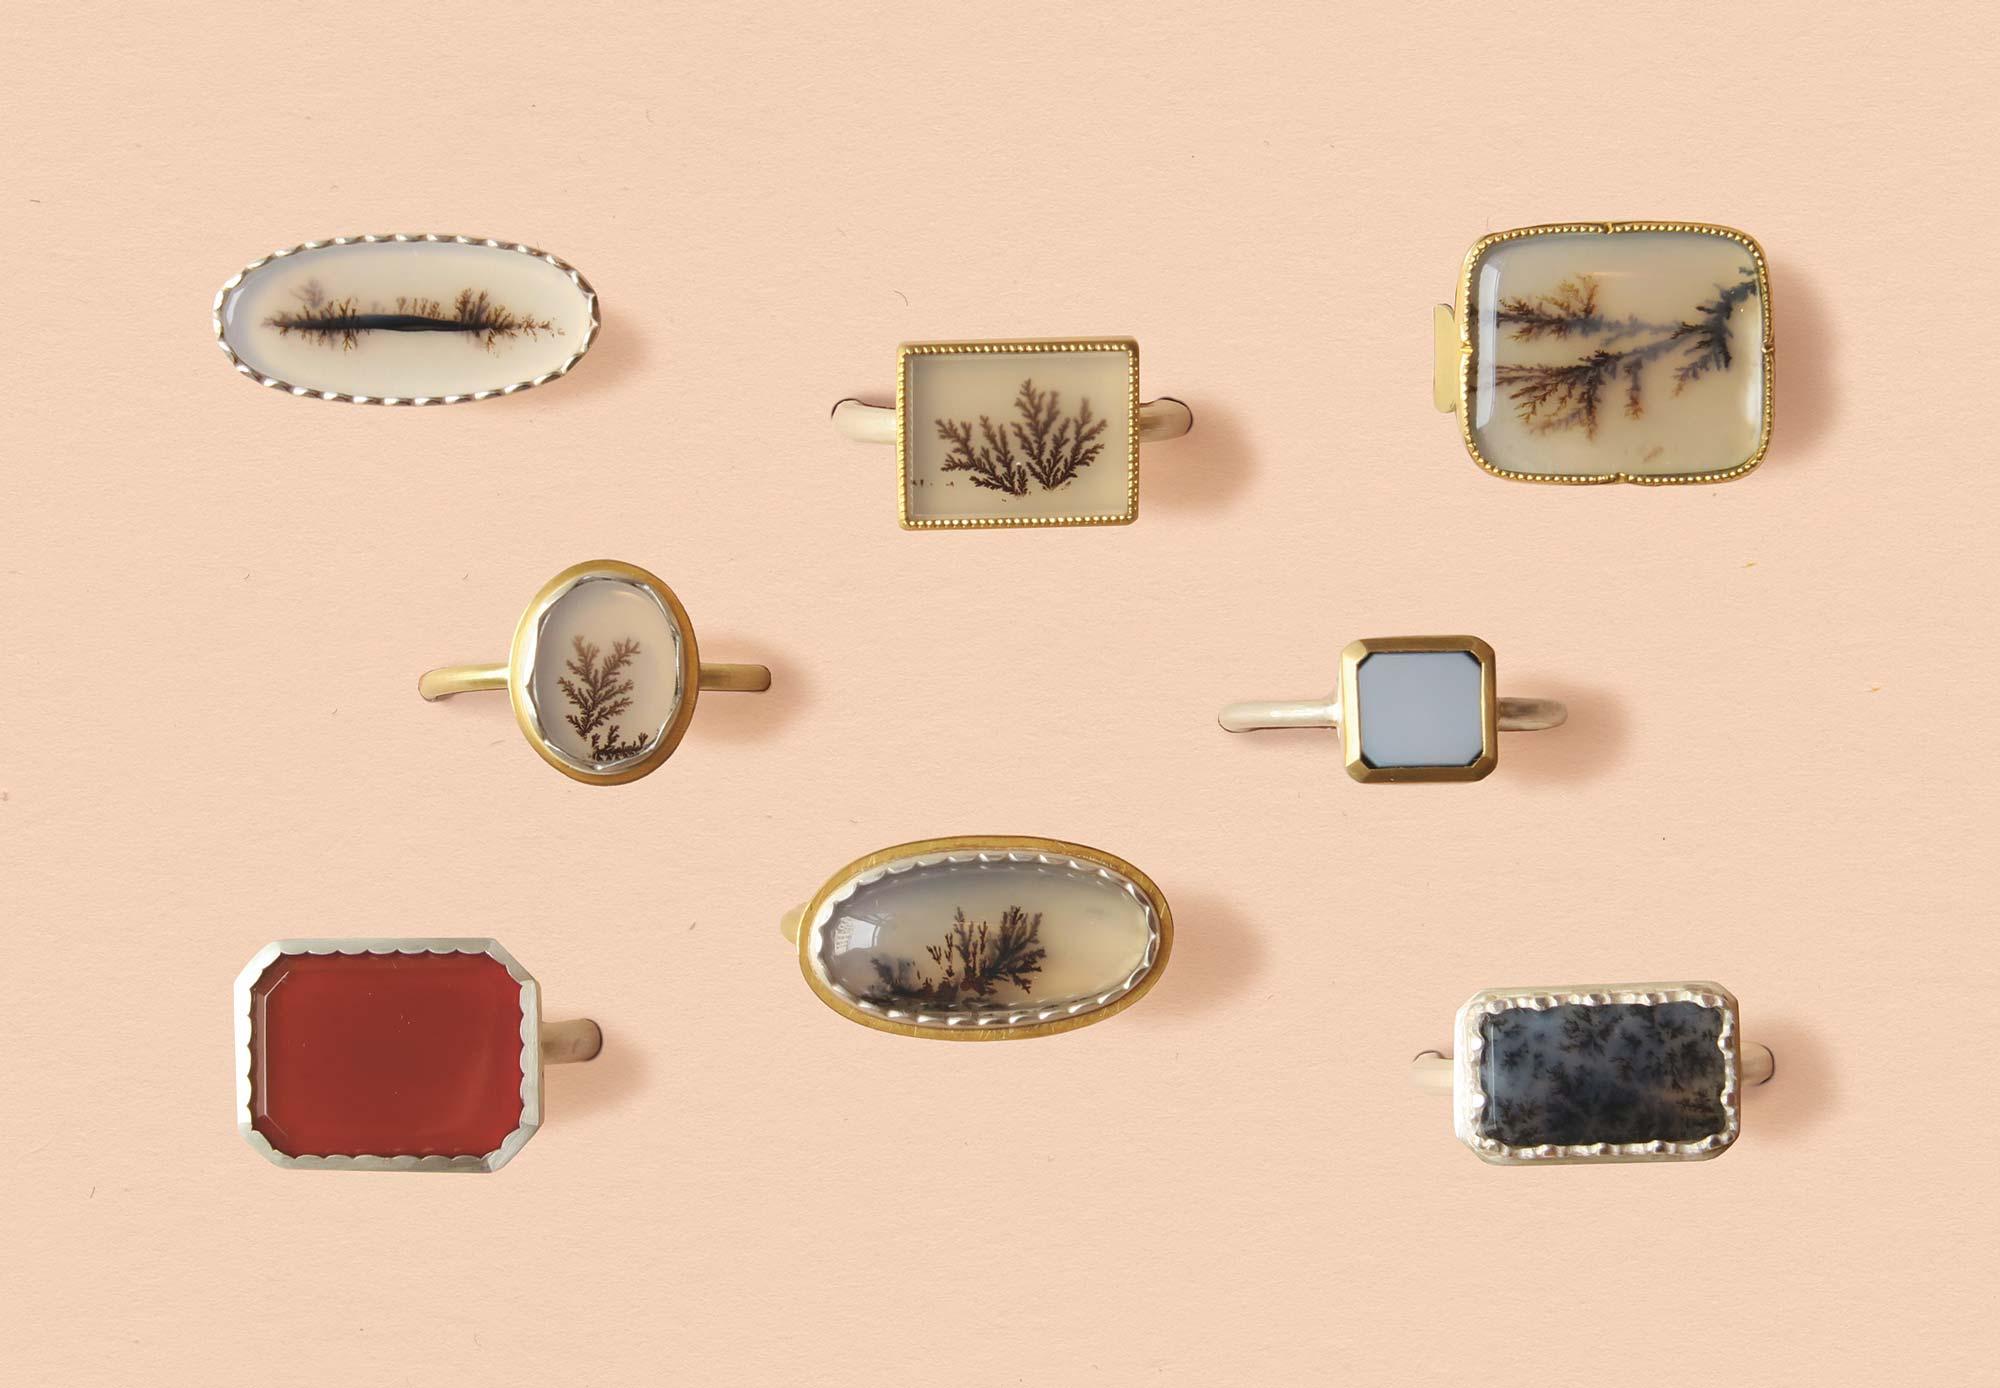 Schmuckausstellung Horizonte - Ringe mit Dendriten -Anne von Waechter